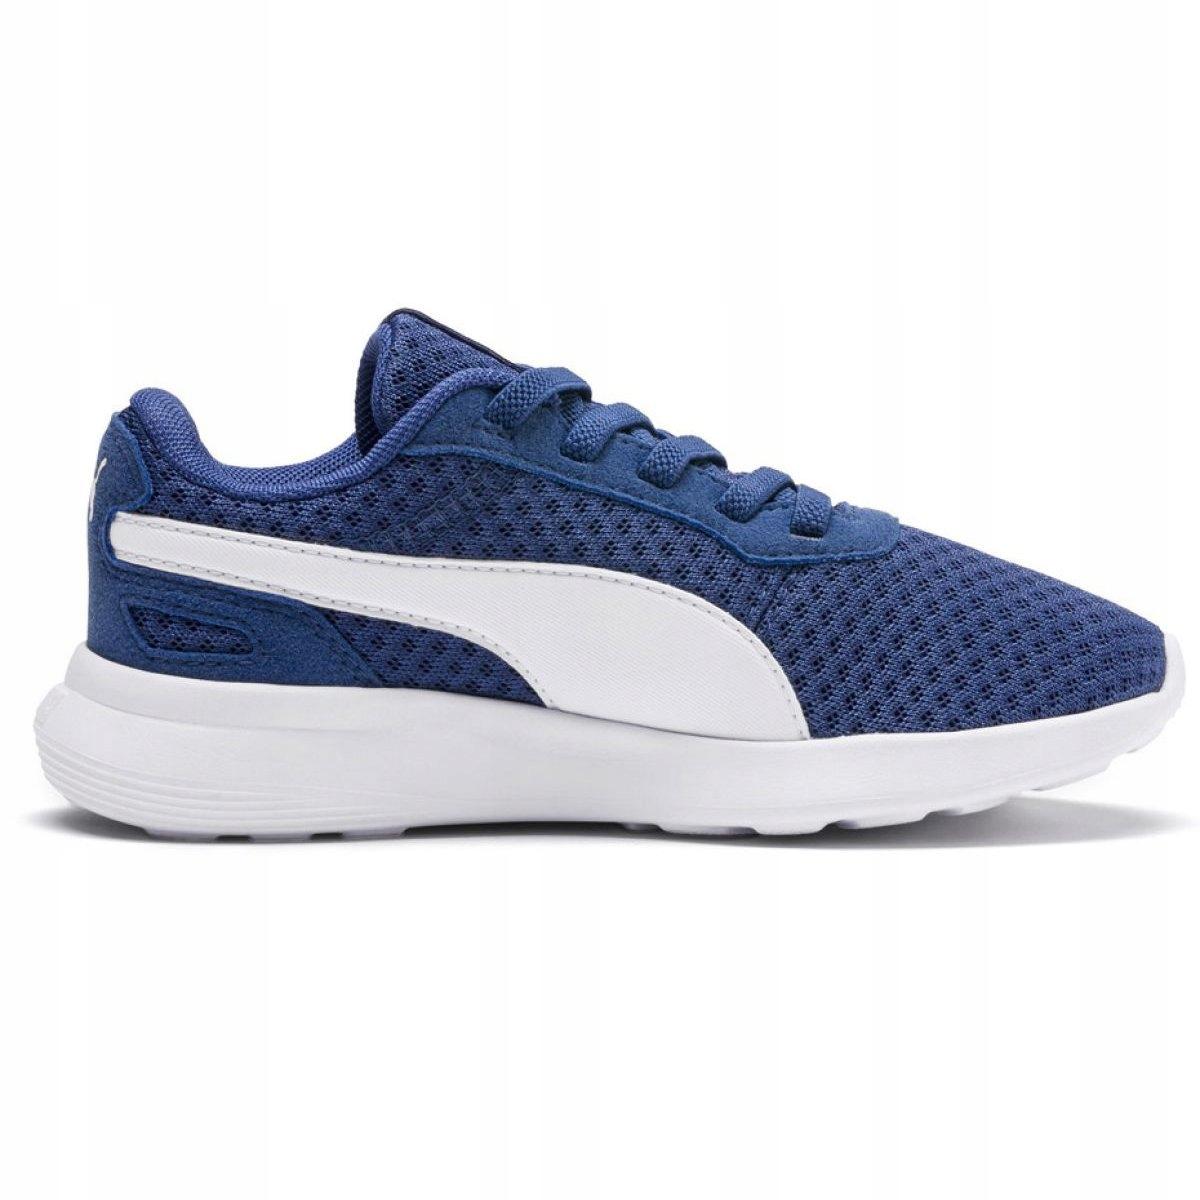 Puma buty sportowe dziecięce dla dzieci r.28